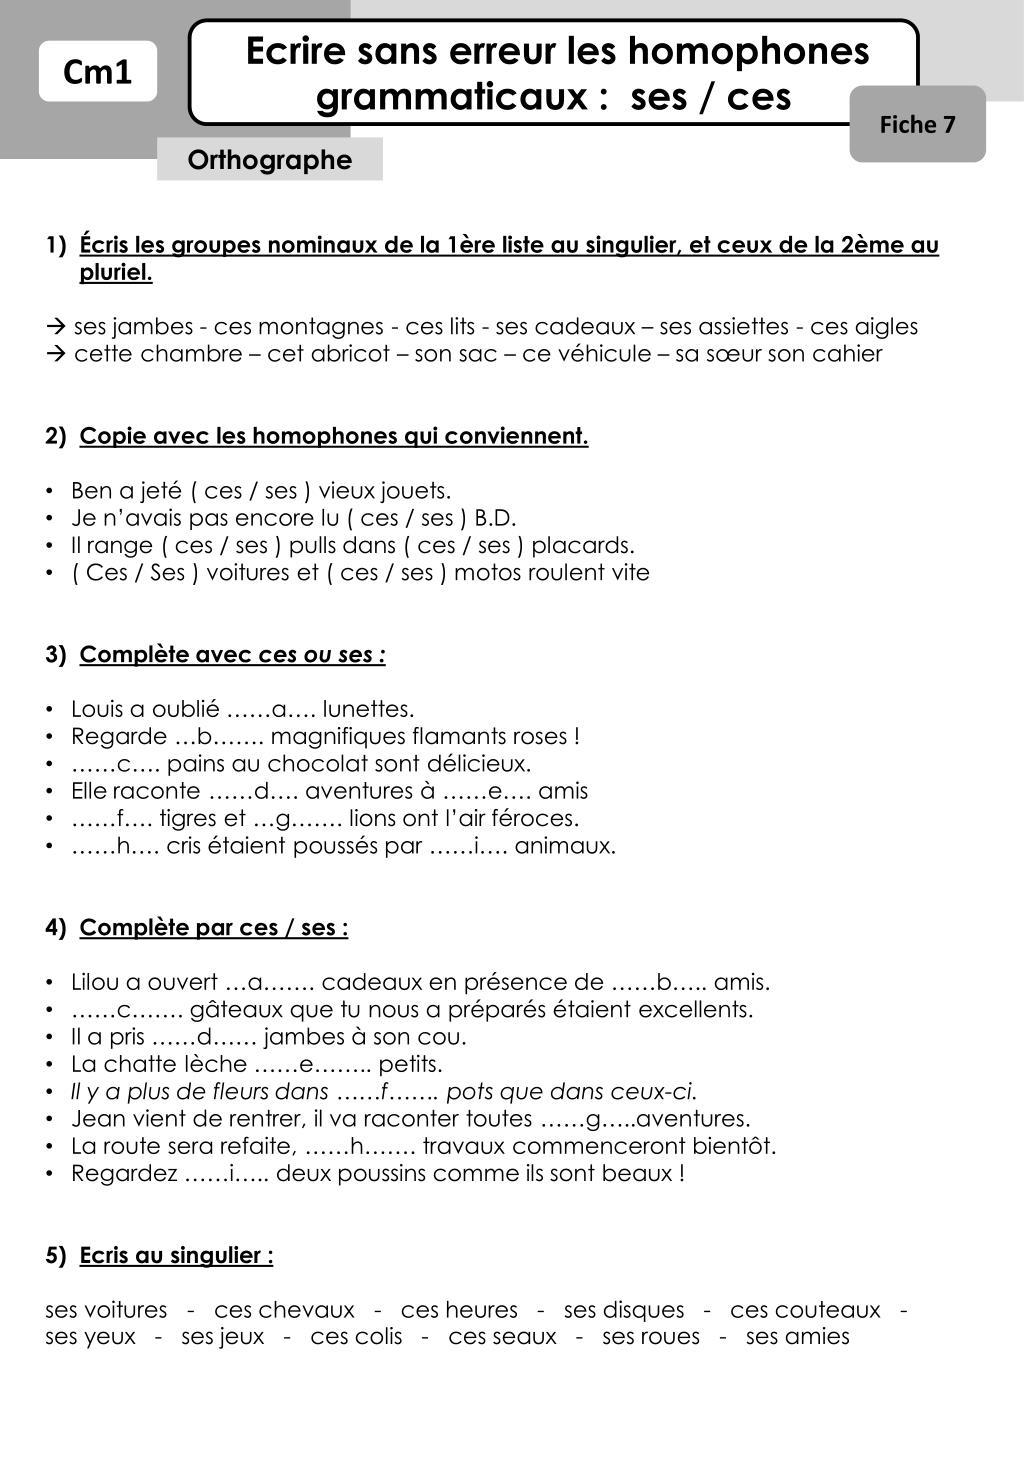 Ppt Ecrire Sans Erreur Les Homophones Grammaticaux Ses Ces Powerpoint Presentation Id 2116567